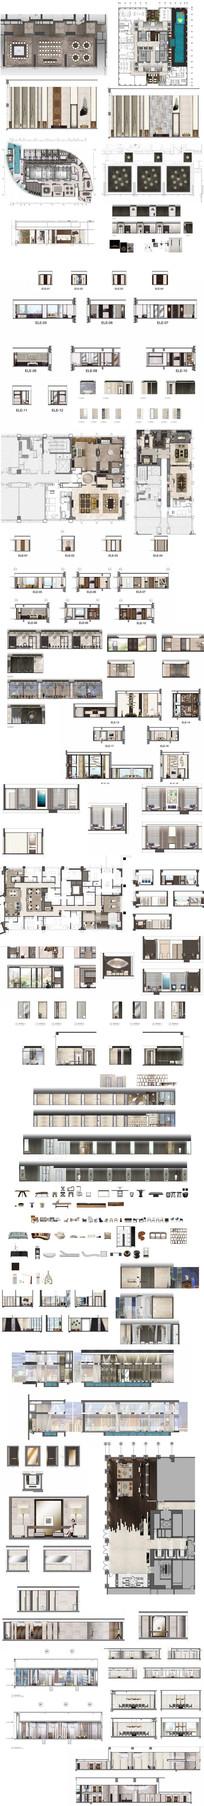 家居装饰彩平分层